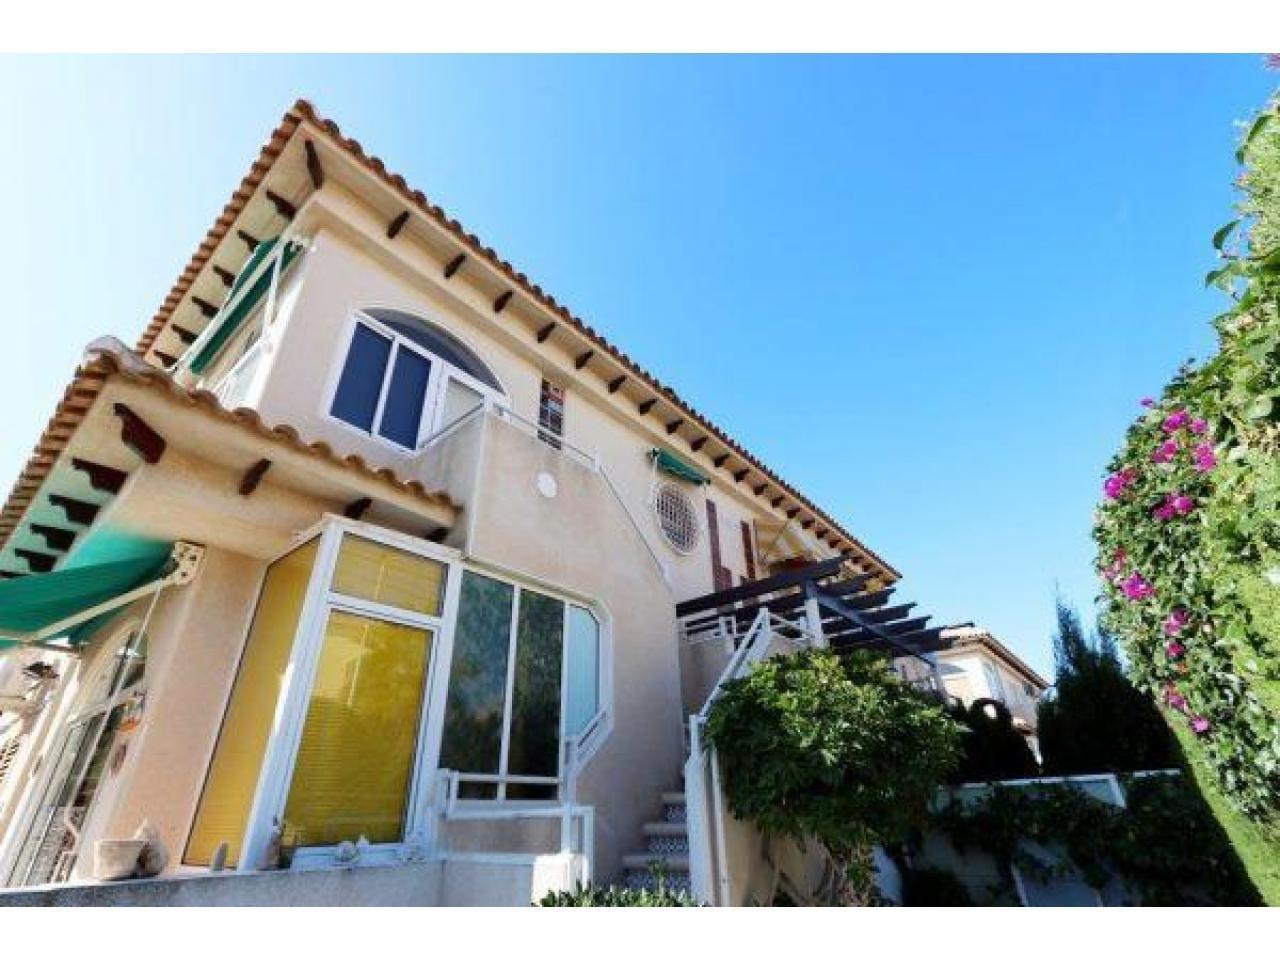 Недвижимость в Испании, Бунгало в Торревьеха,Коста Бланка,Испания - 3